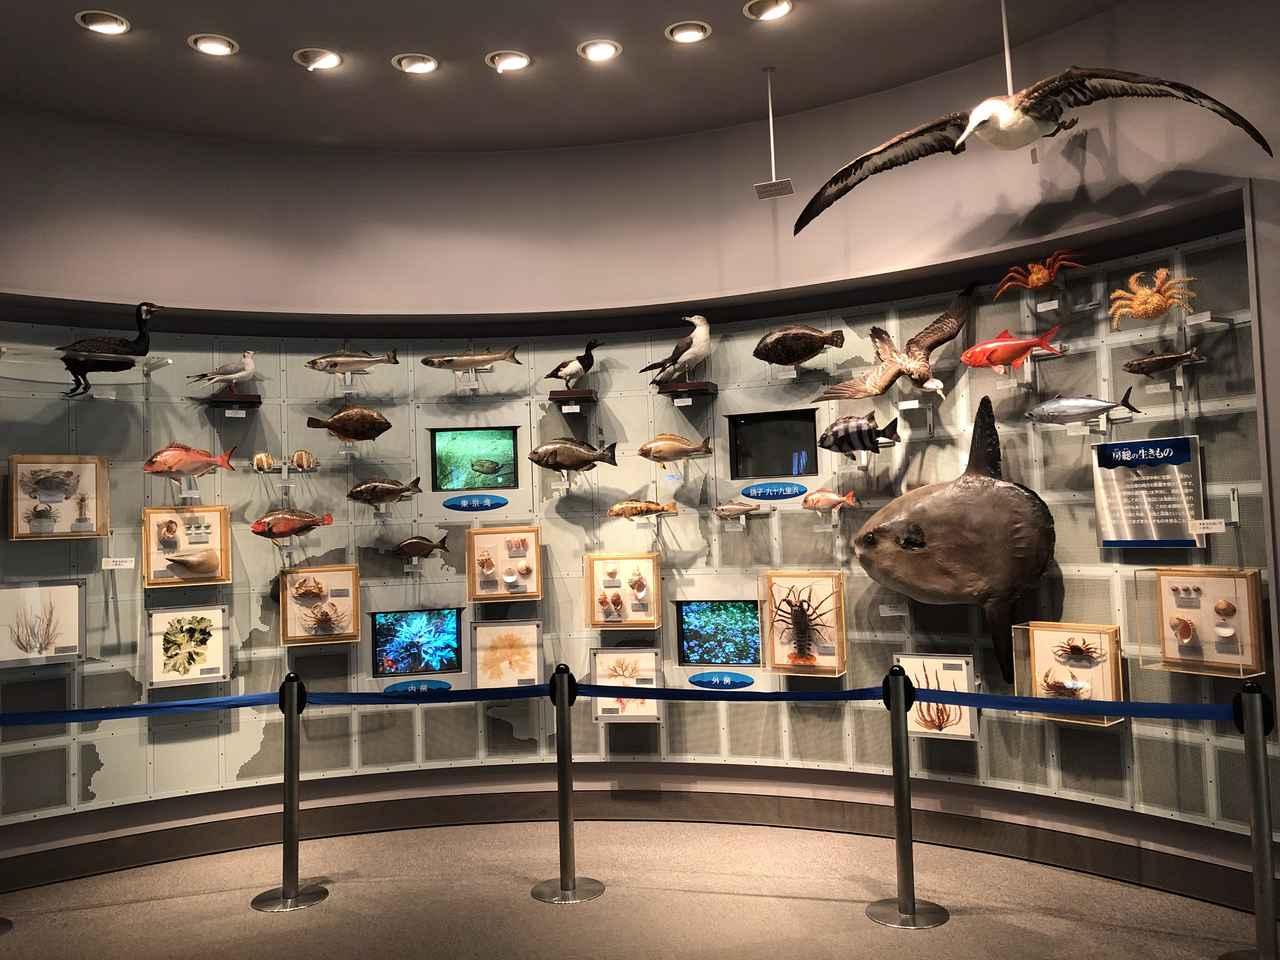 画像1: 次に ブーンと走って海の博物館( д) ゚ ゚